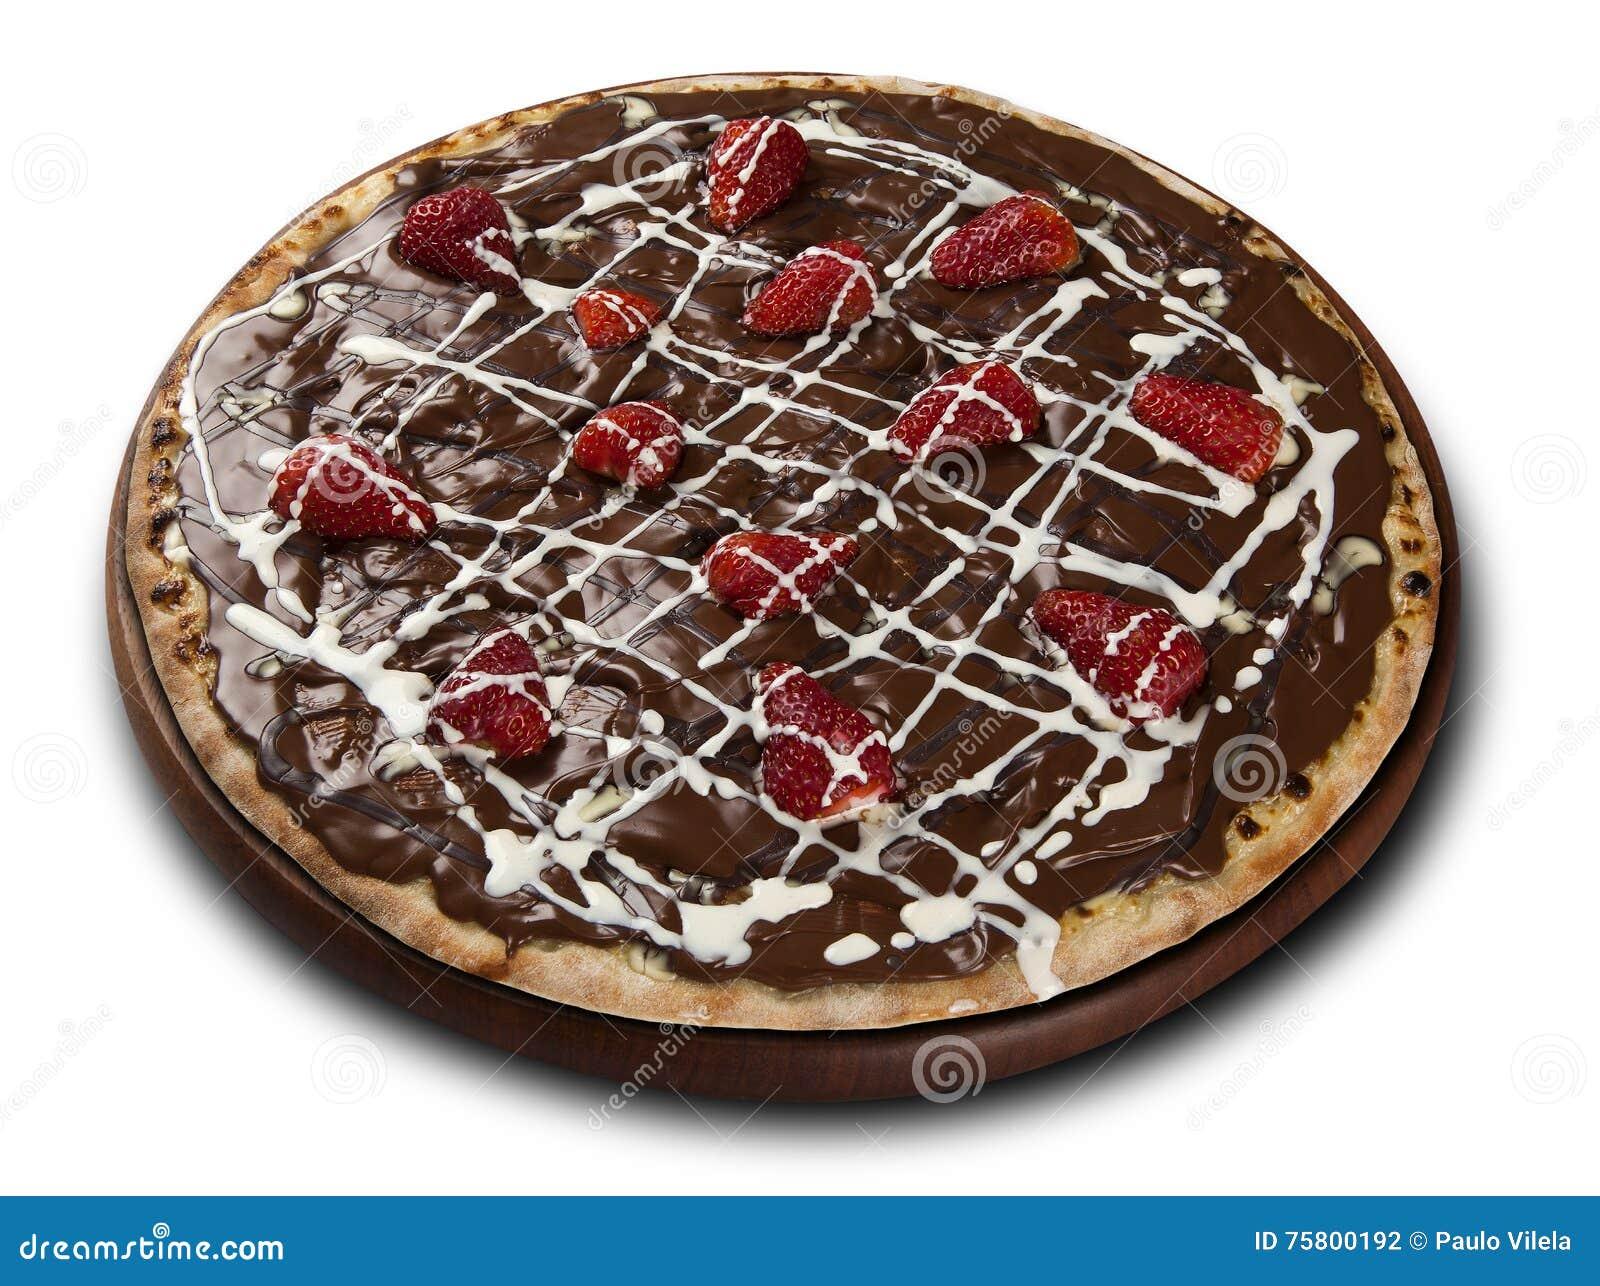 Schokoladen Pizza Süße Erdbeere Und Schokolade Der Pizza Stockfoto